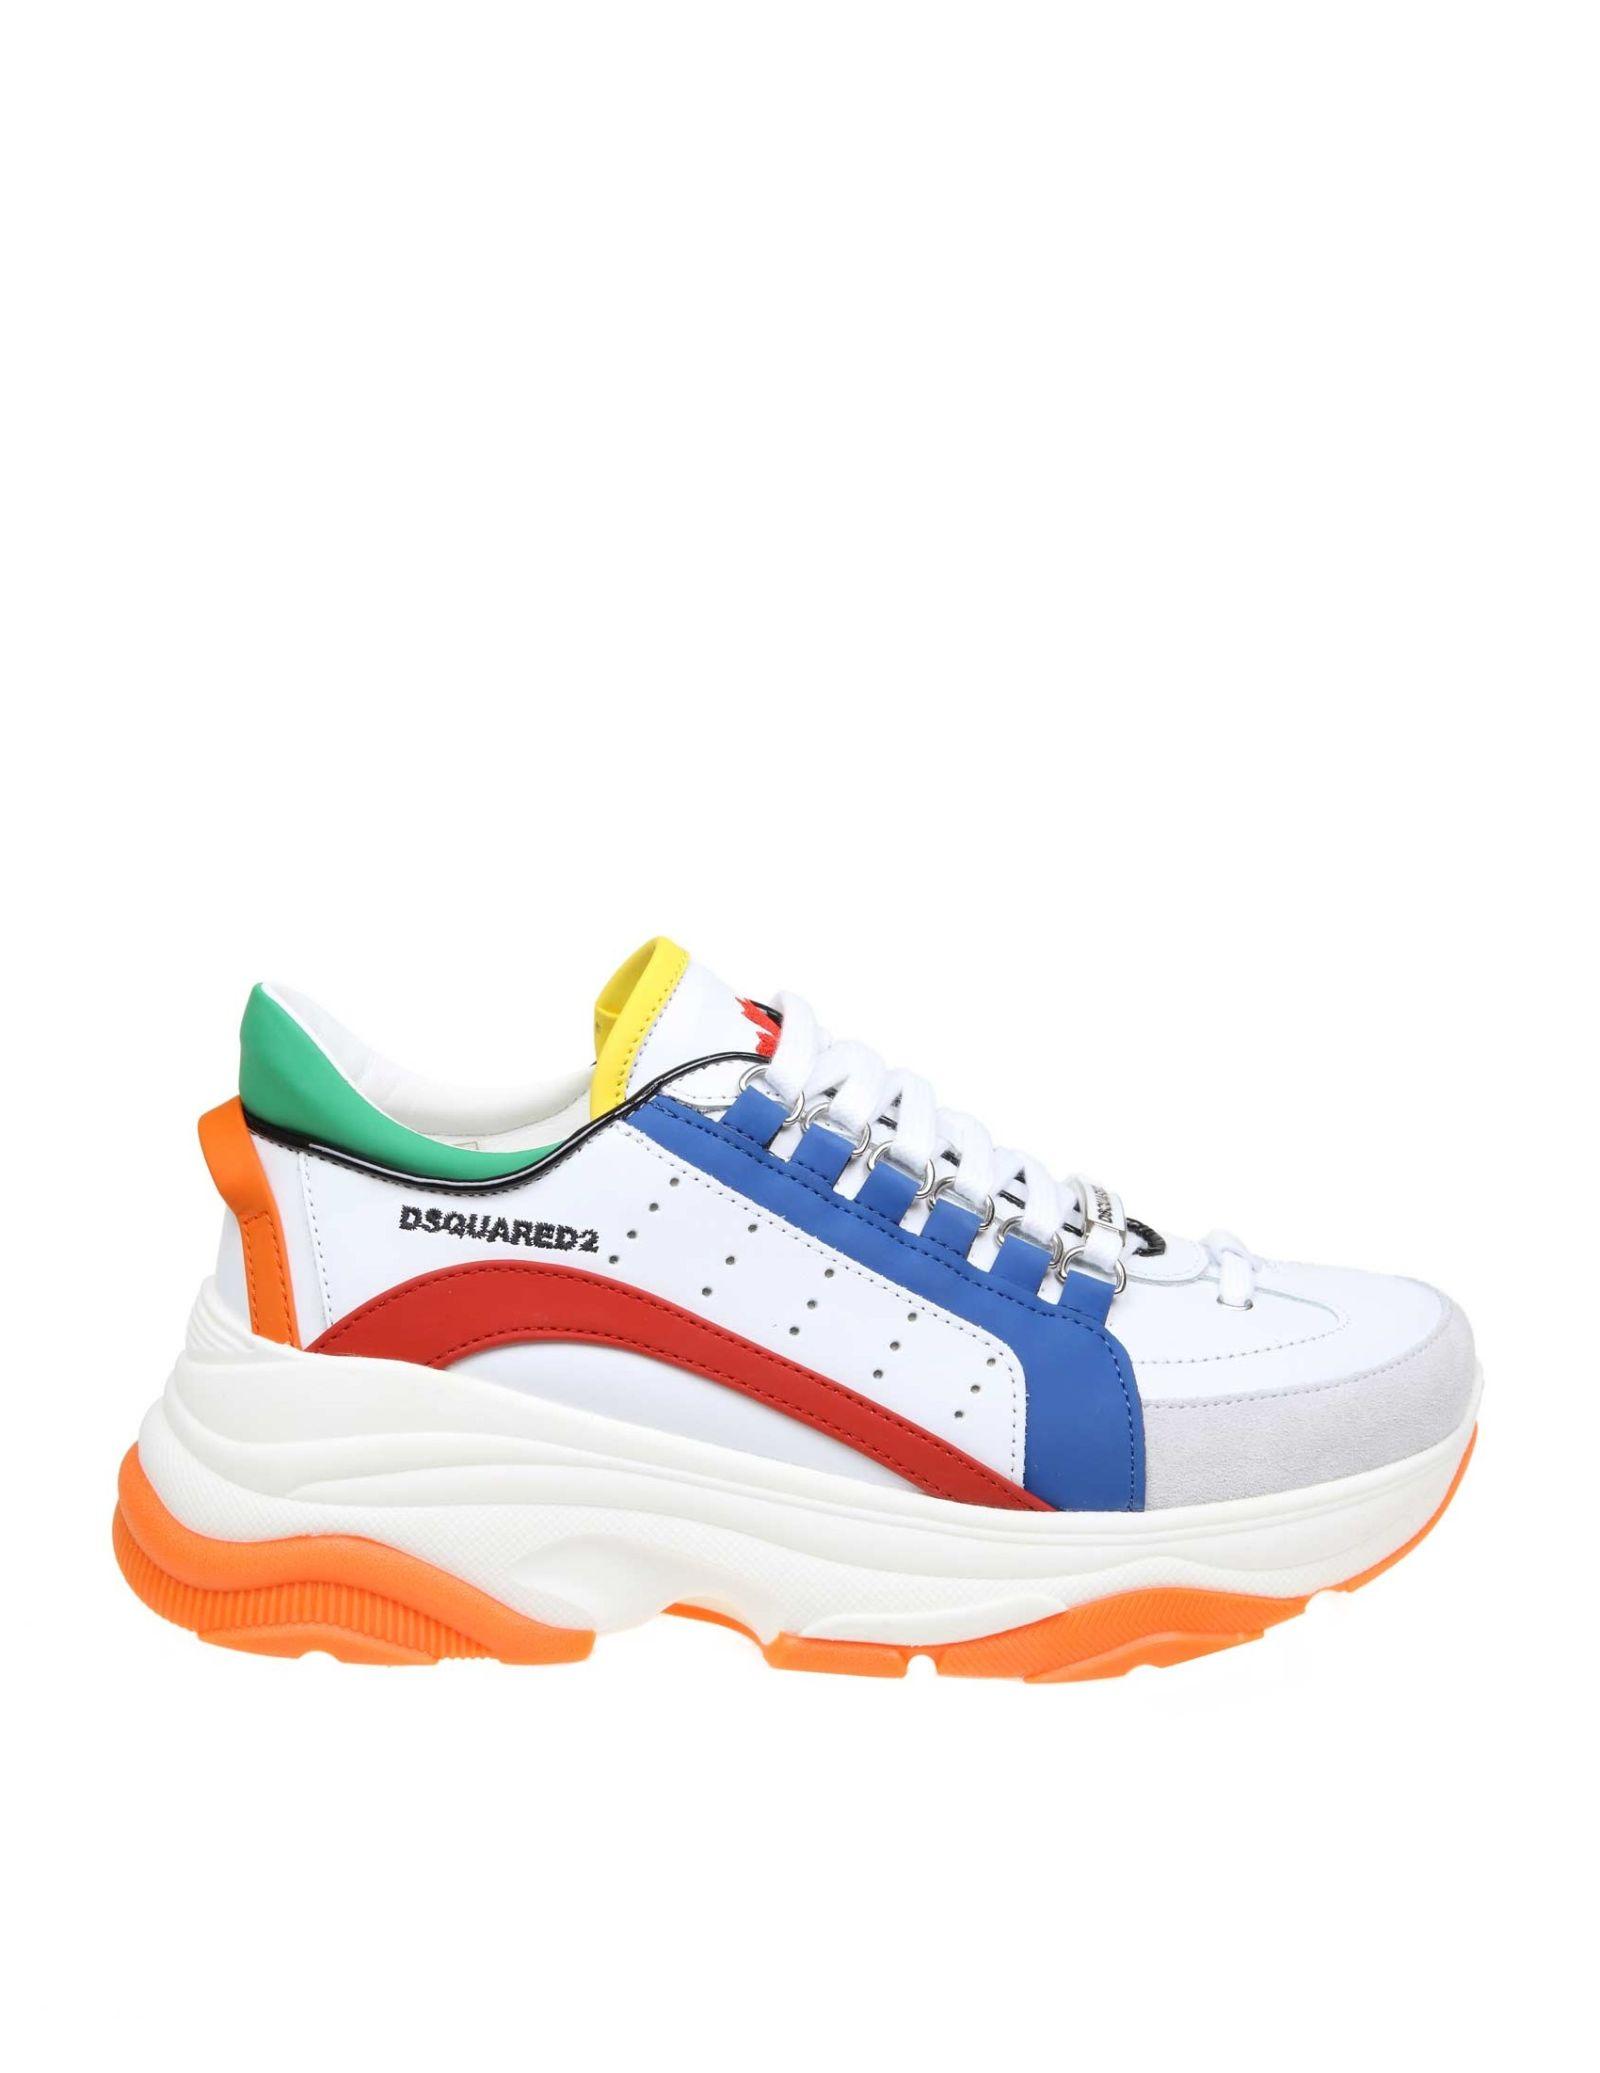 624eb44e654 Dsquared2 Dsquared Sneakers Bumpy 551 In Multicolor Leather - WHITE ...